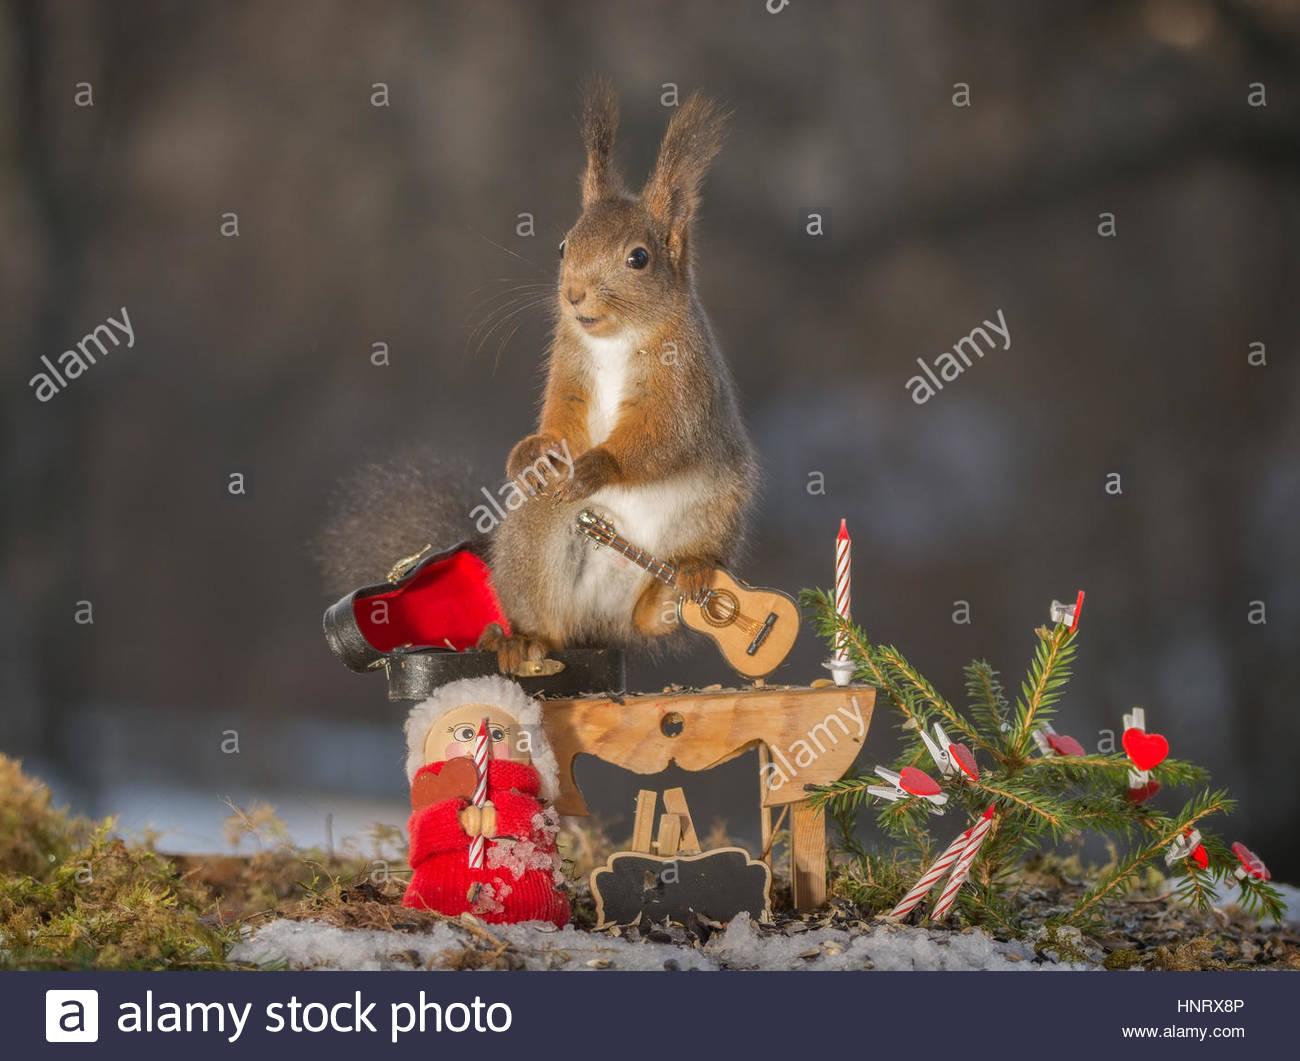 Eichhörnchen stehend mit einer Gitarre, Weihnachten Puppe und Kerzen ...